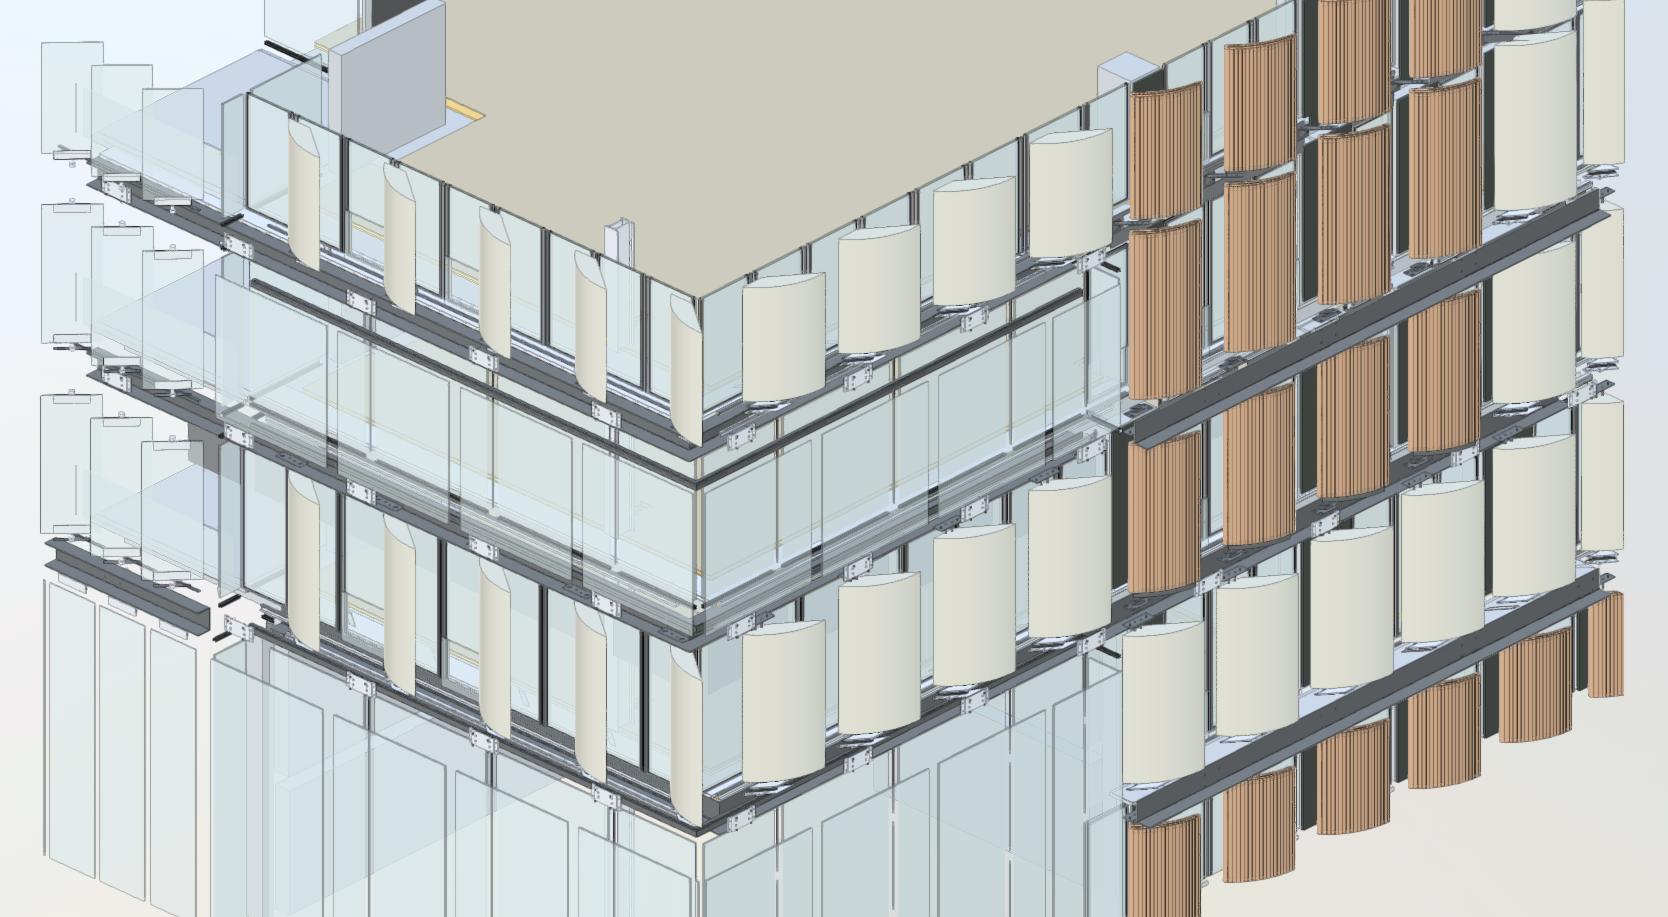 Tectónica: arquitectura y soluciones constructivas